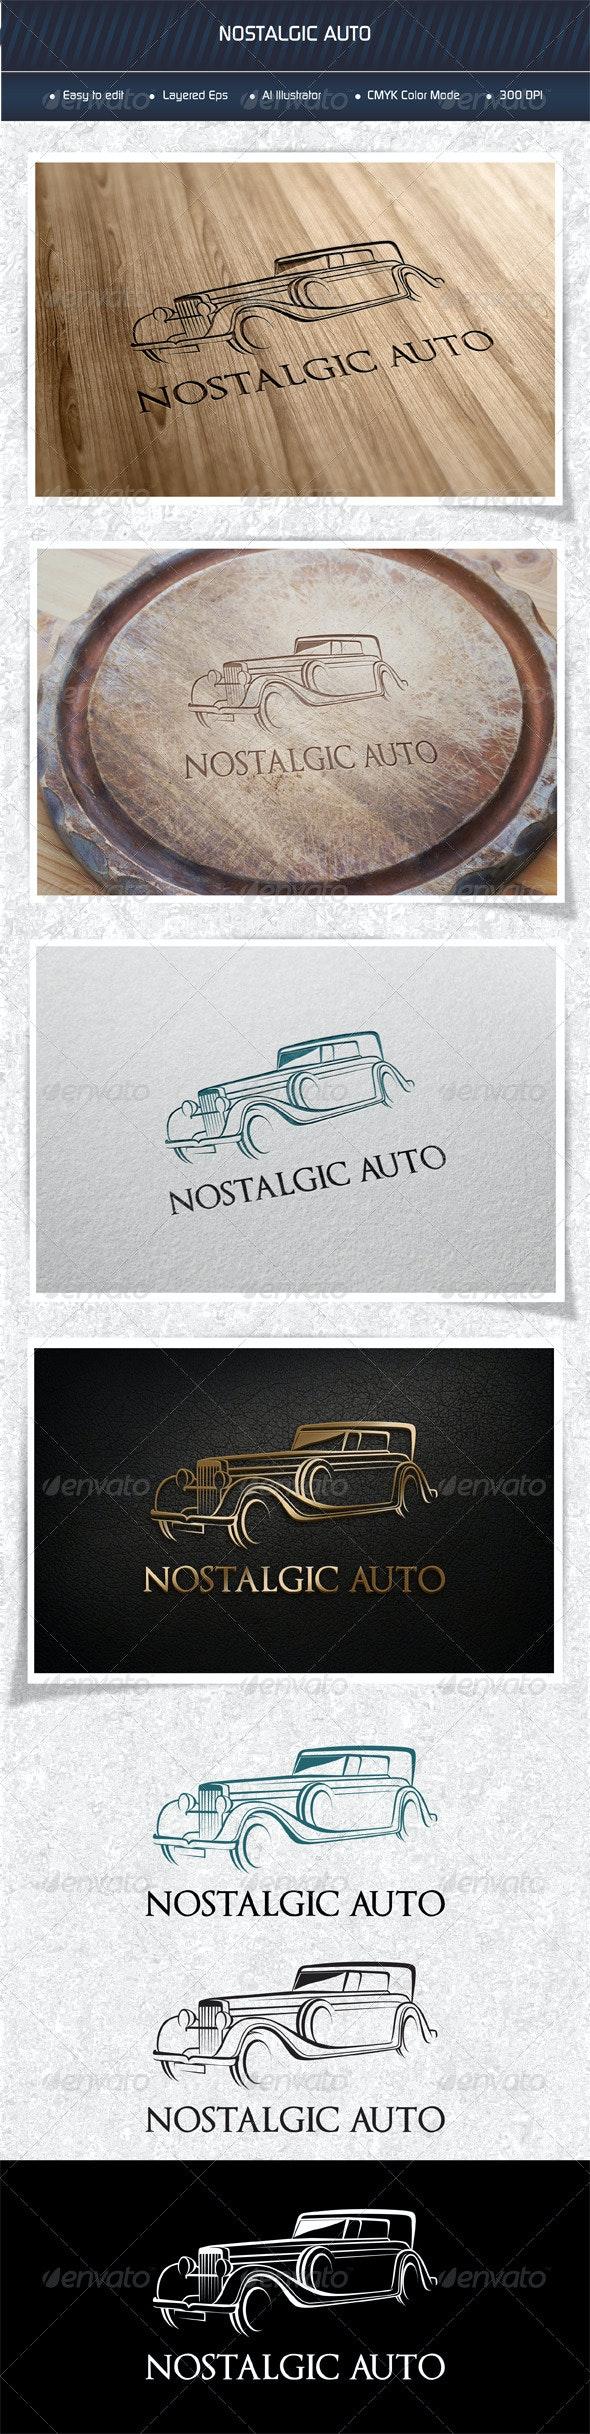 Nostalgic Auto - Logo Templates